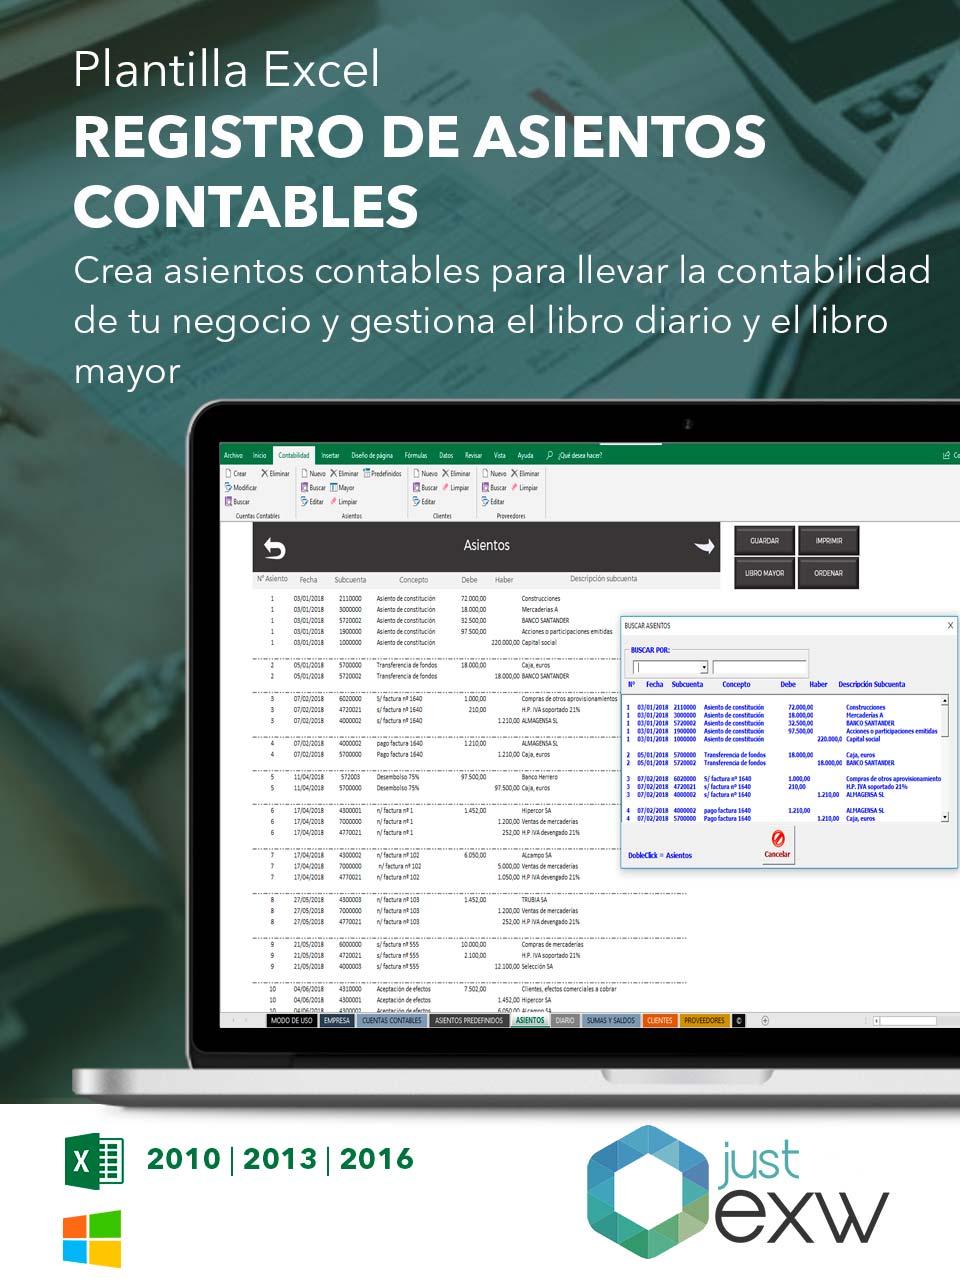 Plantilla de Excel registro asientos contables